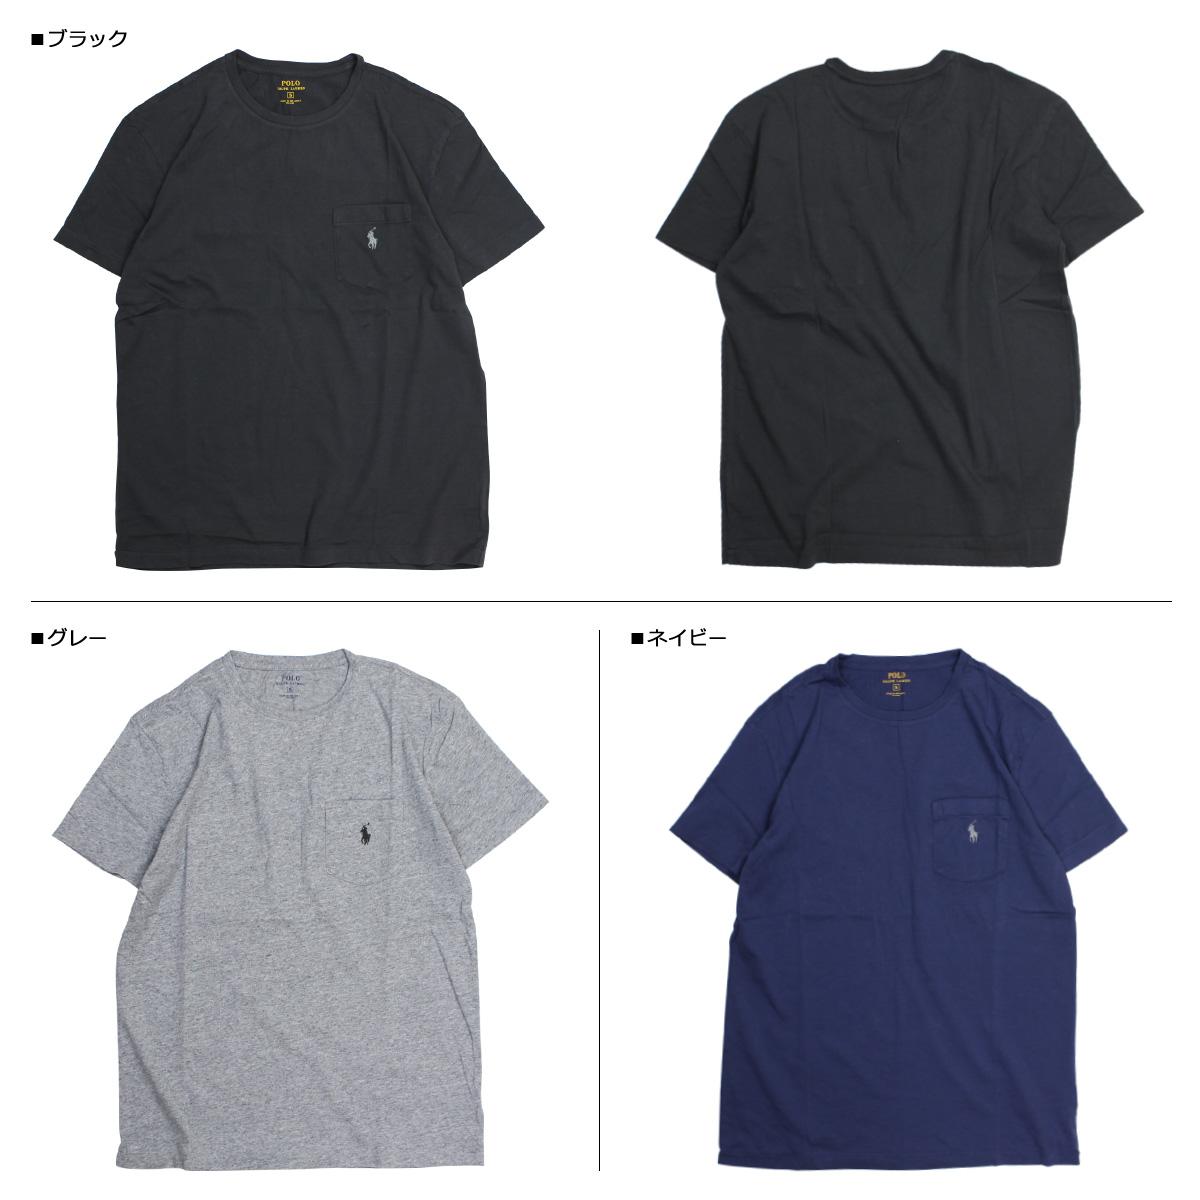 ralph lauren shirt online malaysia